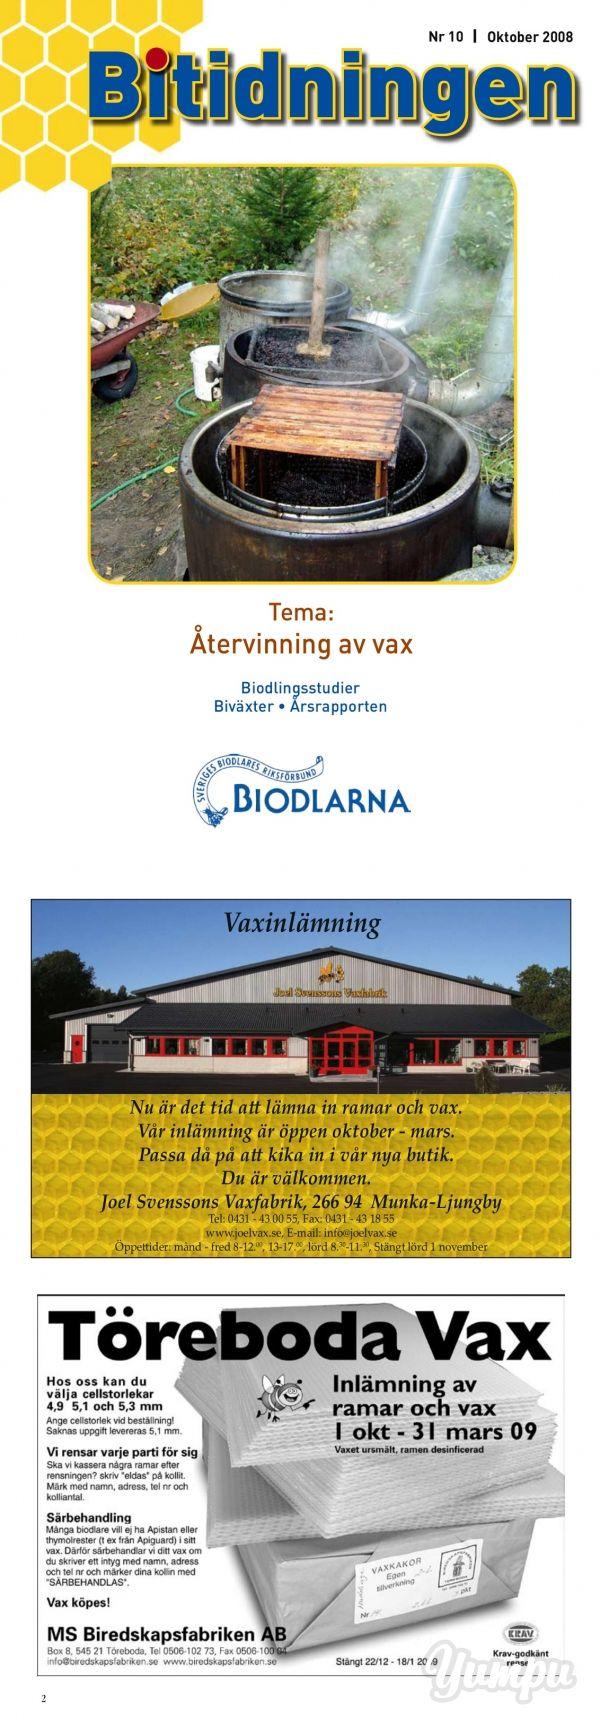 Bitidningen 2008 10 - Sveriges Biodlares Riksförbund - Magazine with 32 pages: Bitidningen 2008 10 - Sveriges Biodlares Riksförbund